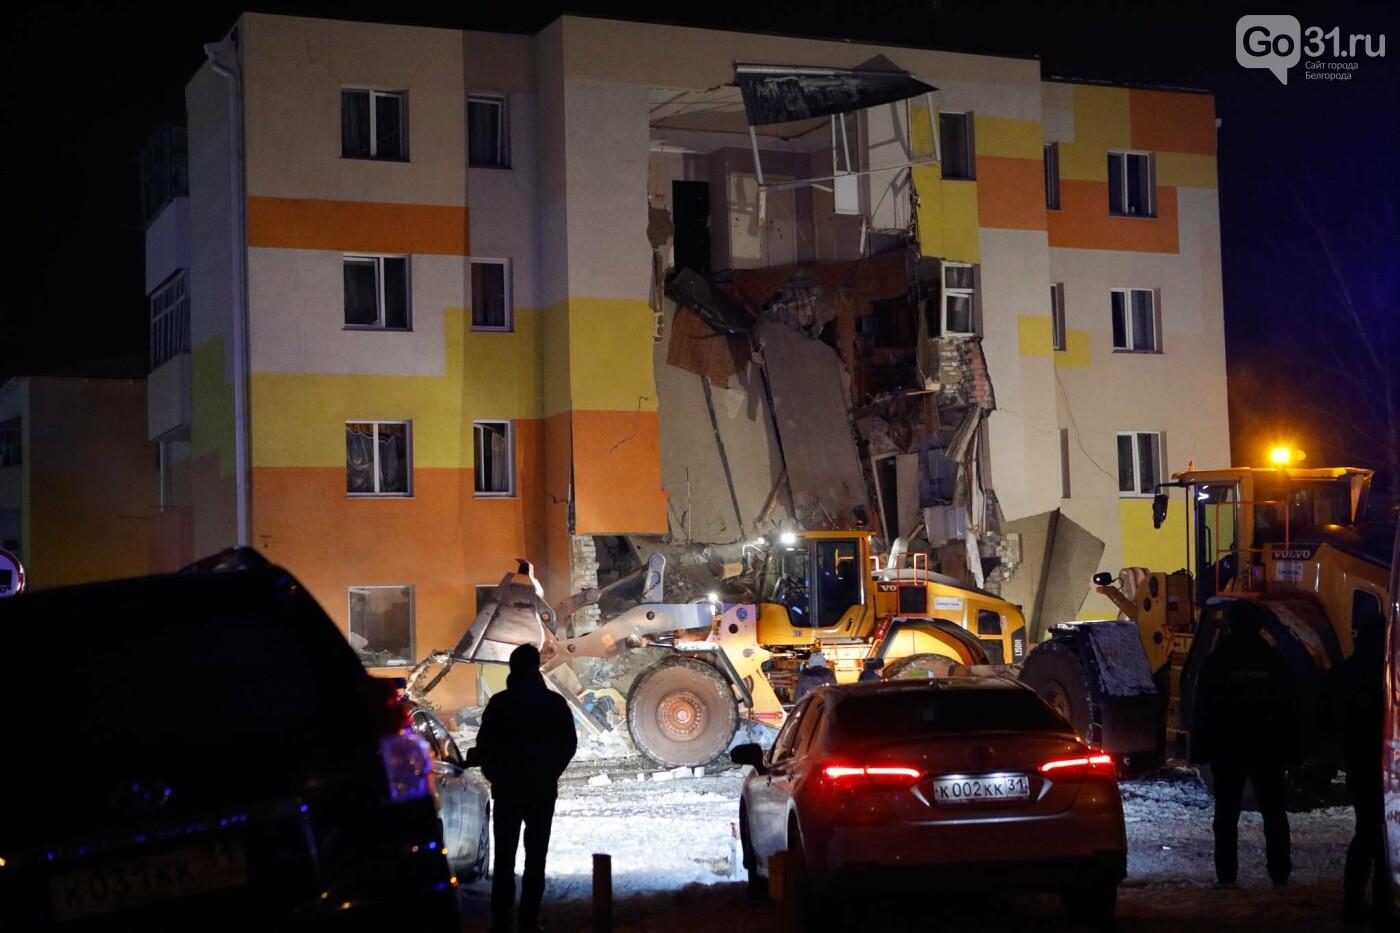 Под завалами разрушенного дома в Белгородской области нашли погибшего. Пострадали еще 6 человек (ФОТО И ПОДРОБНОСТИ), фото-1